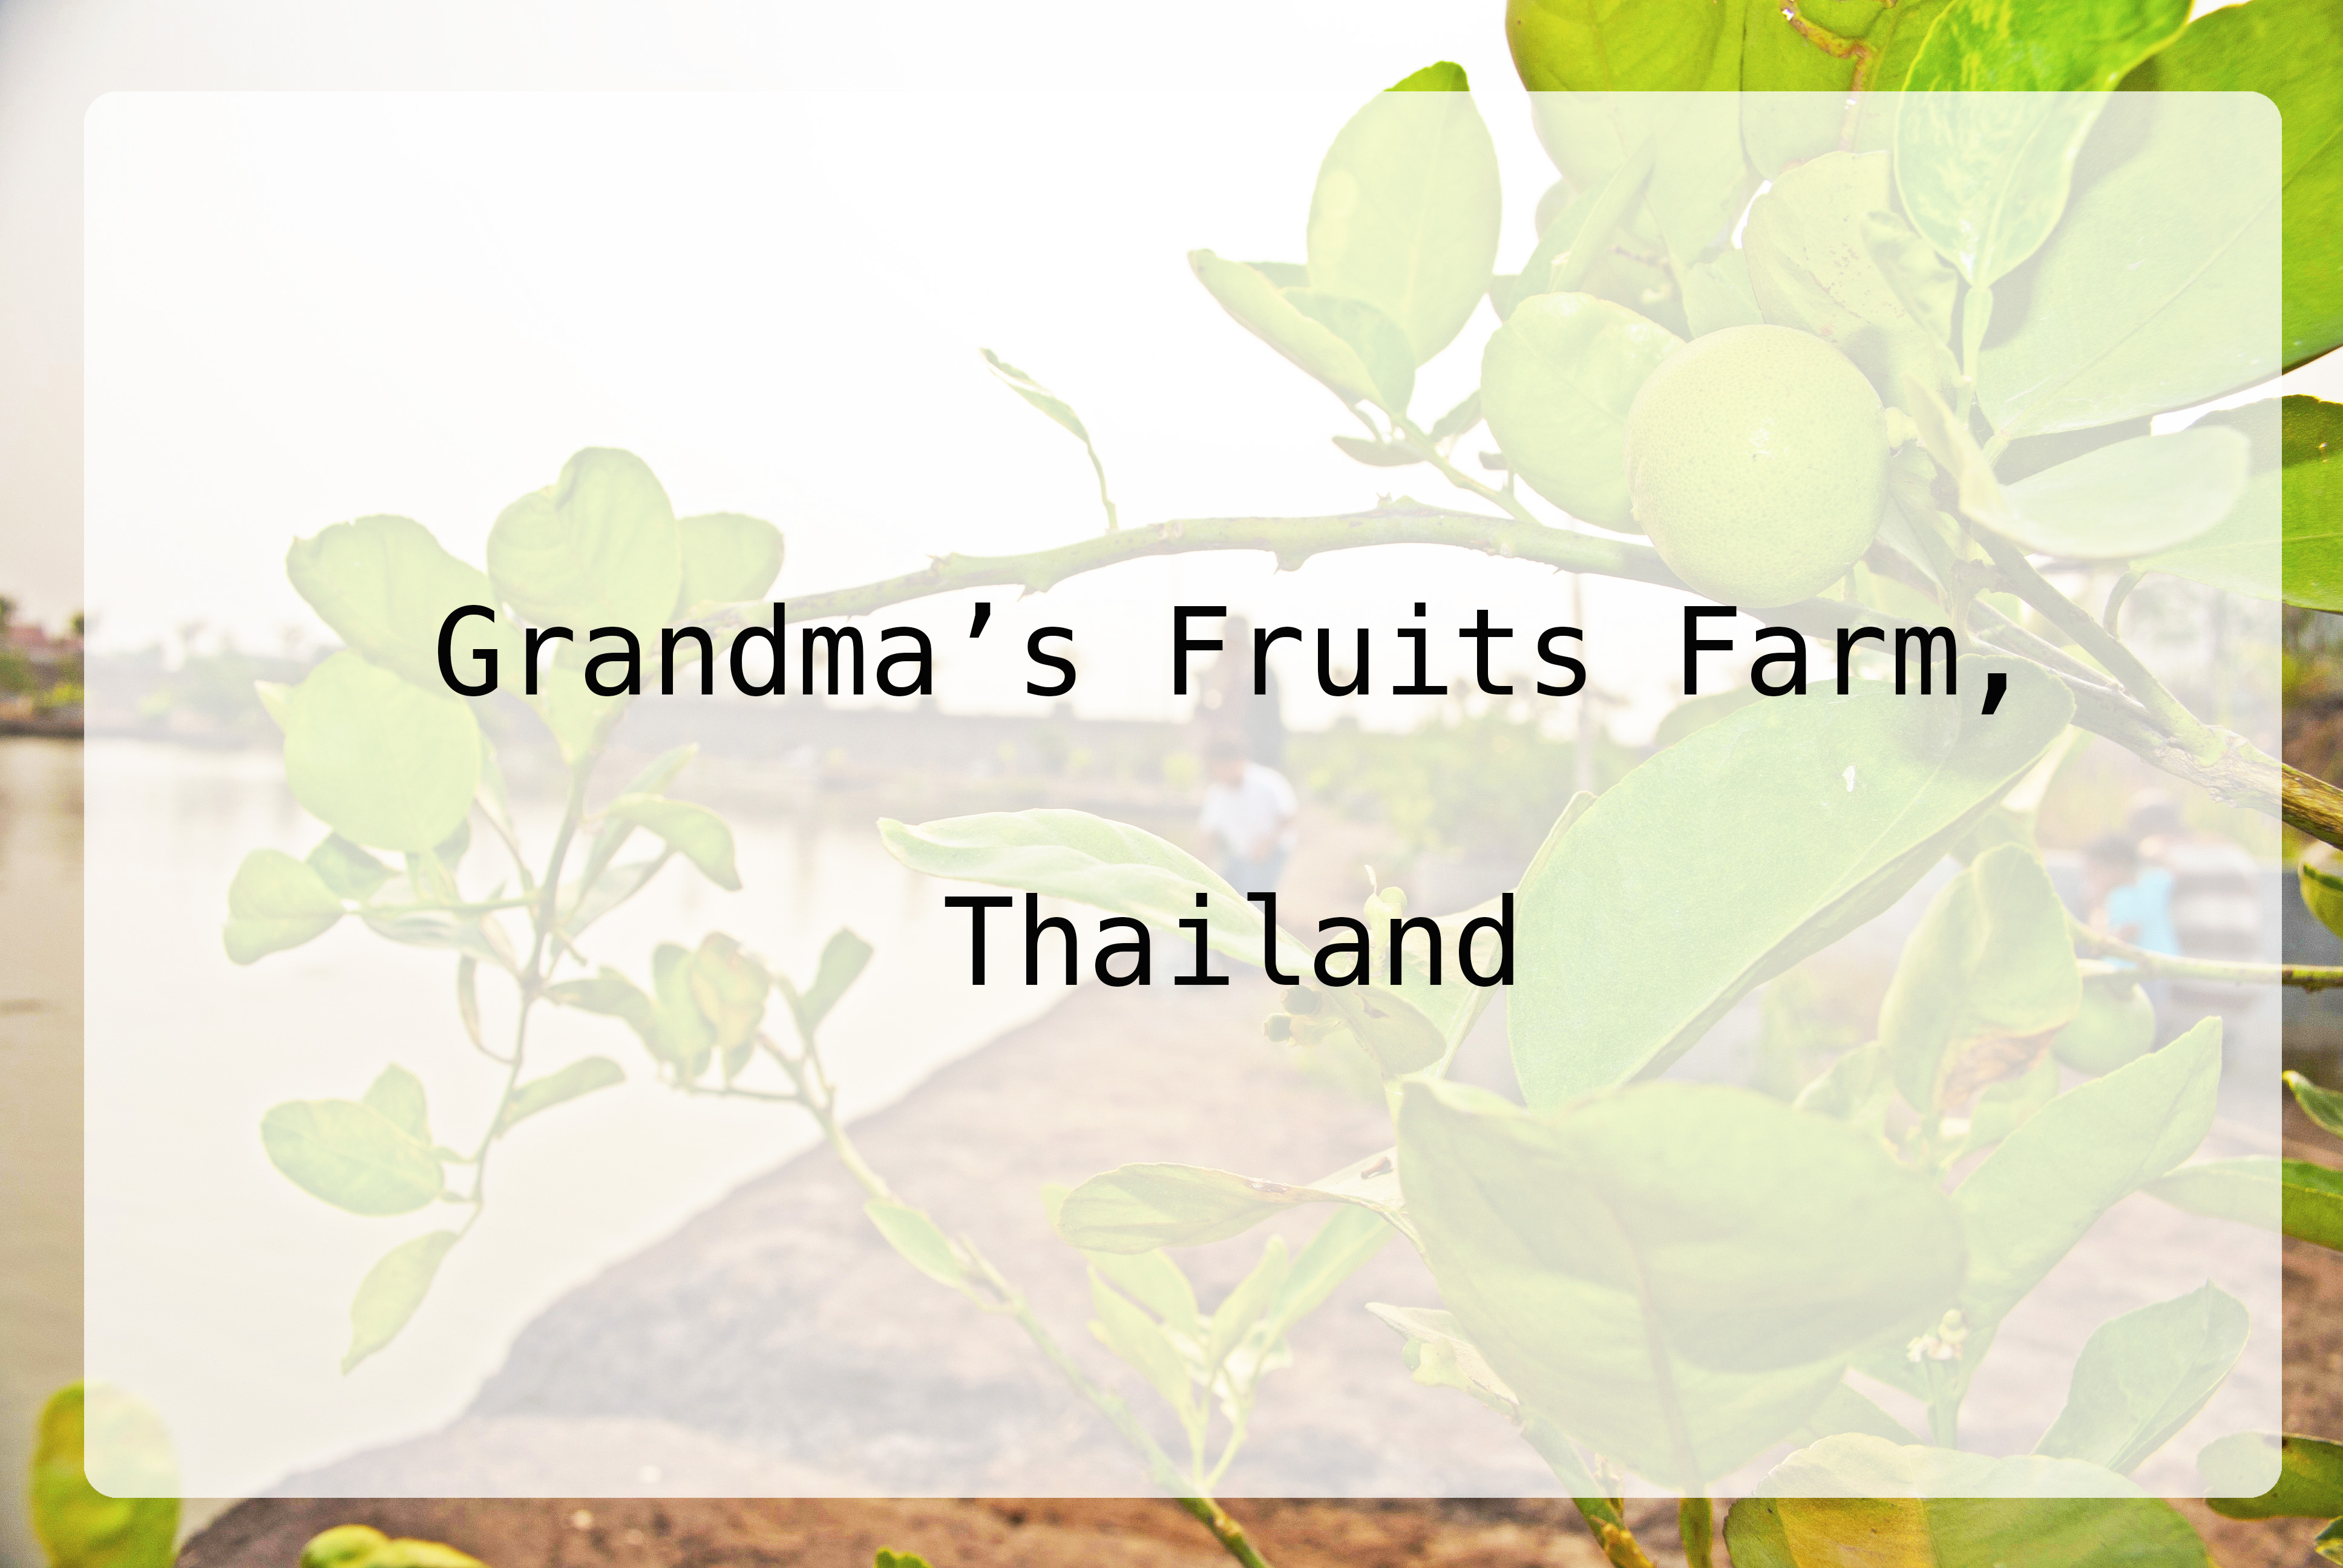 Grandma's Fruits Farm   Thailand